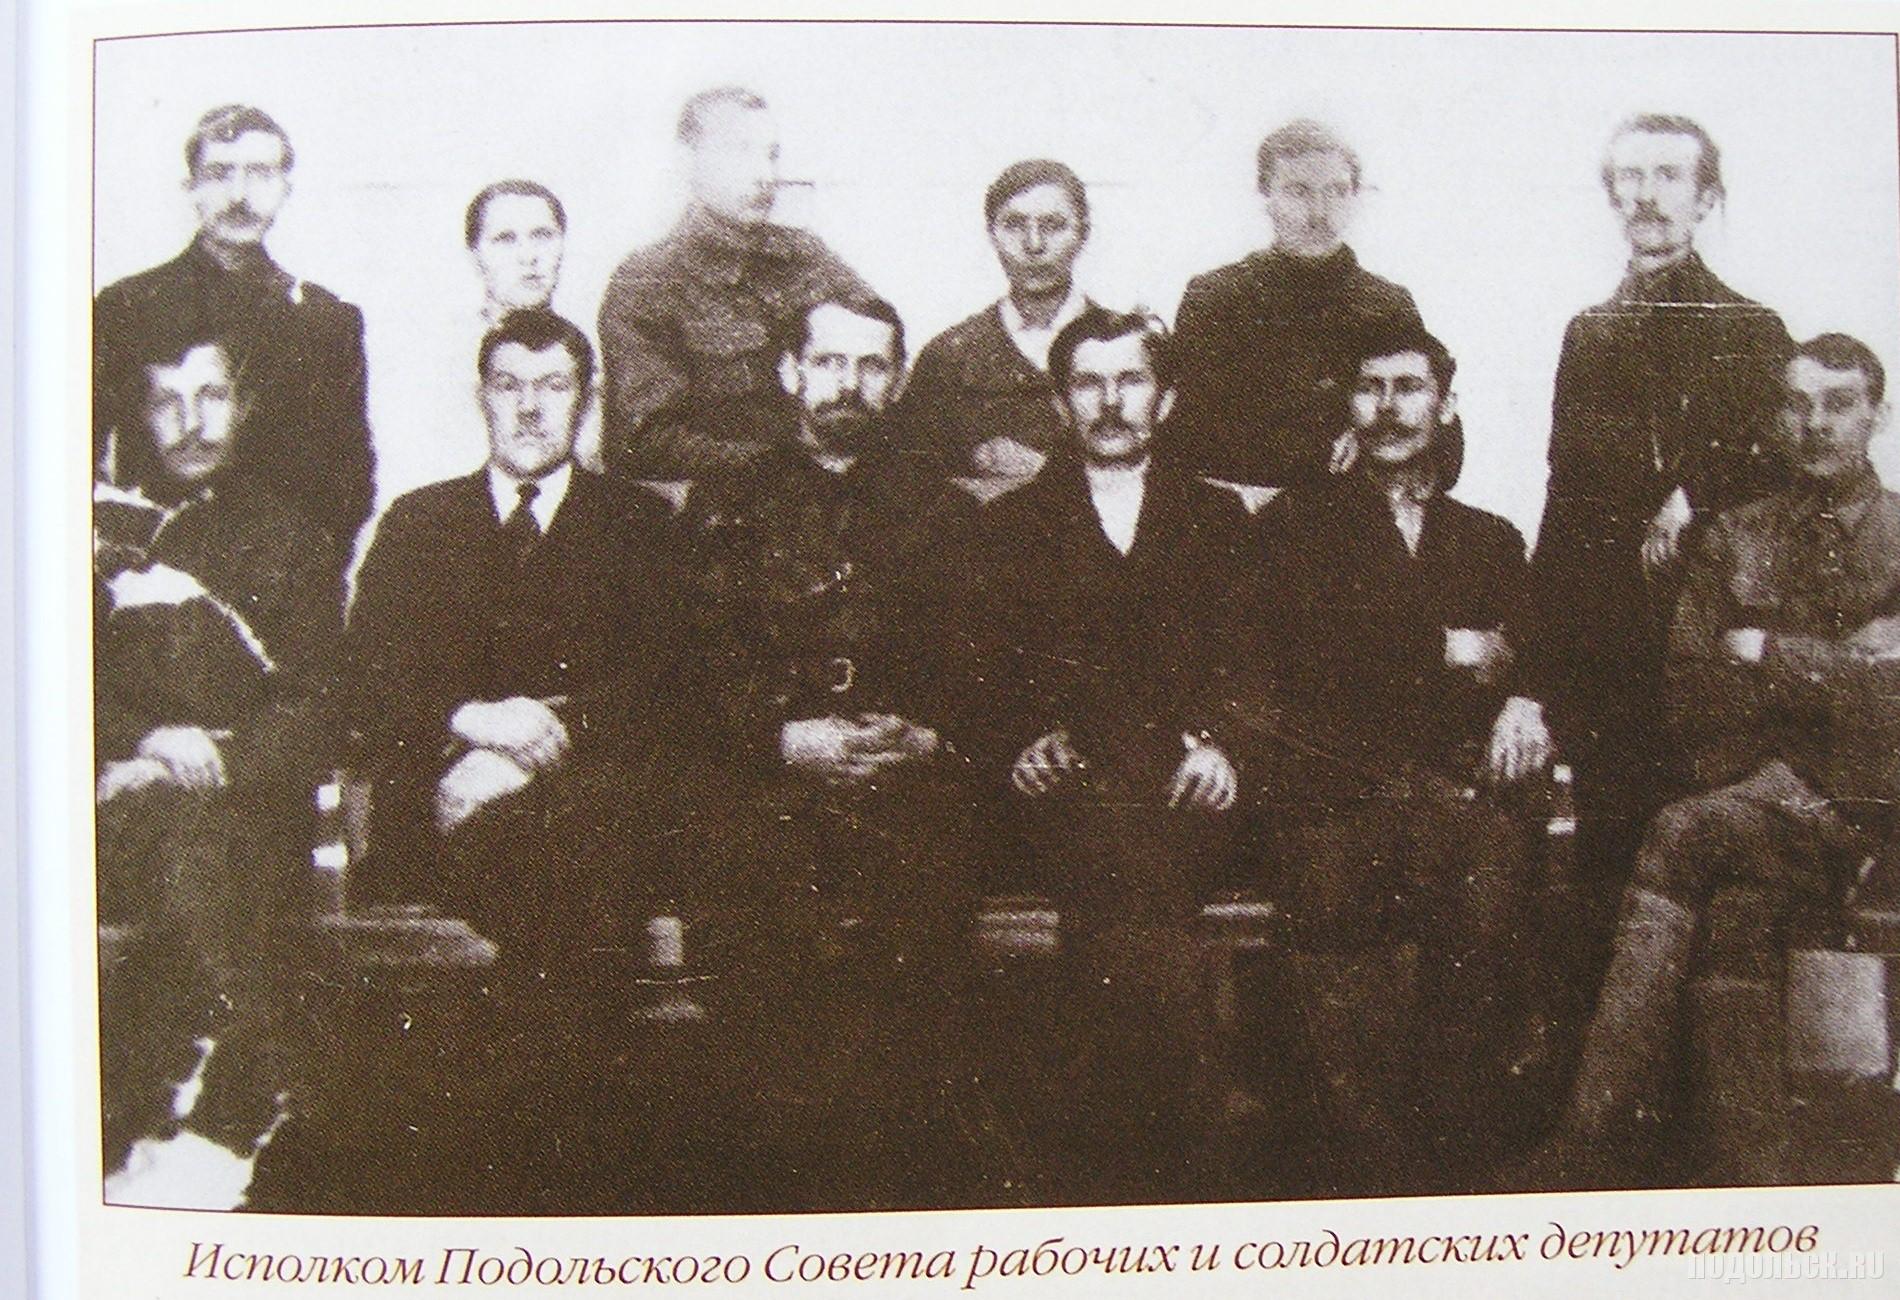 Исполком Подольского Совета рабочих и солдатских депутатов